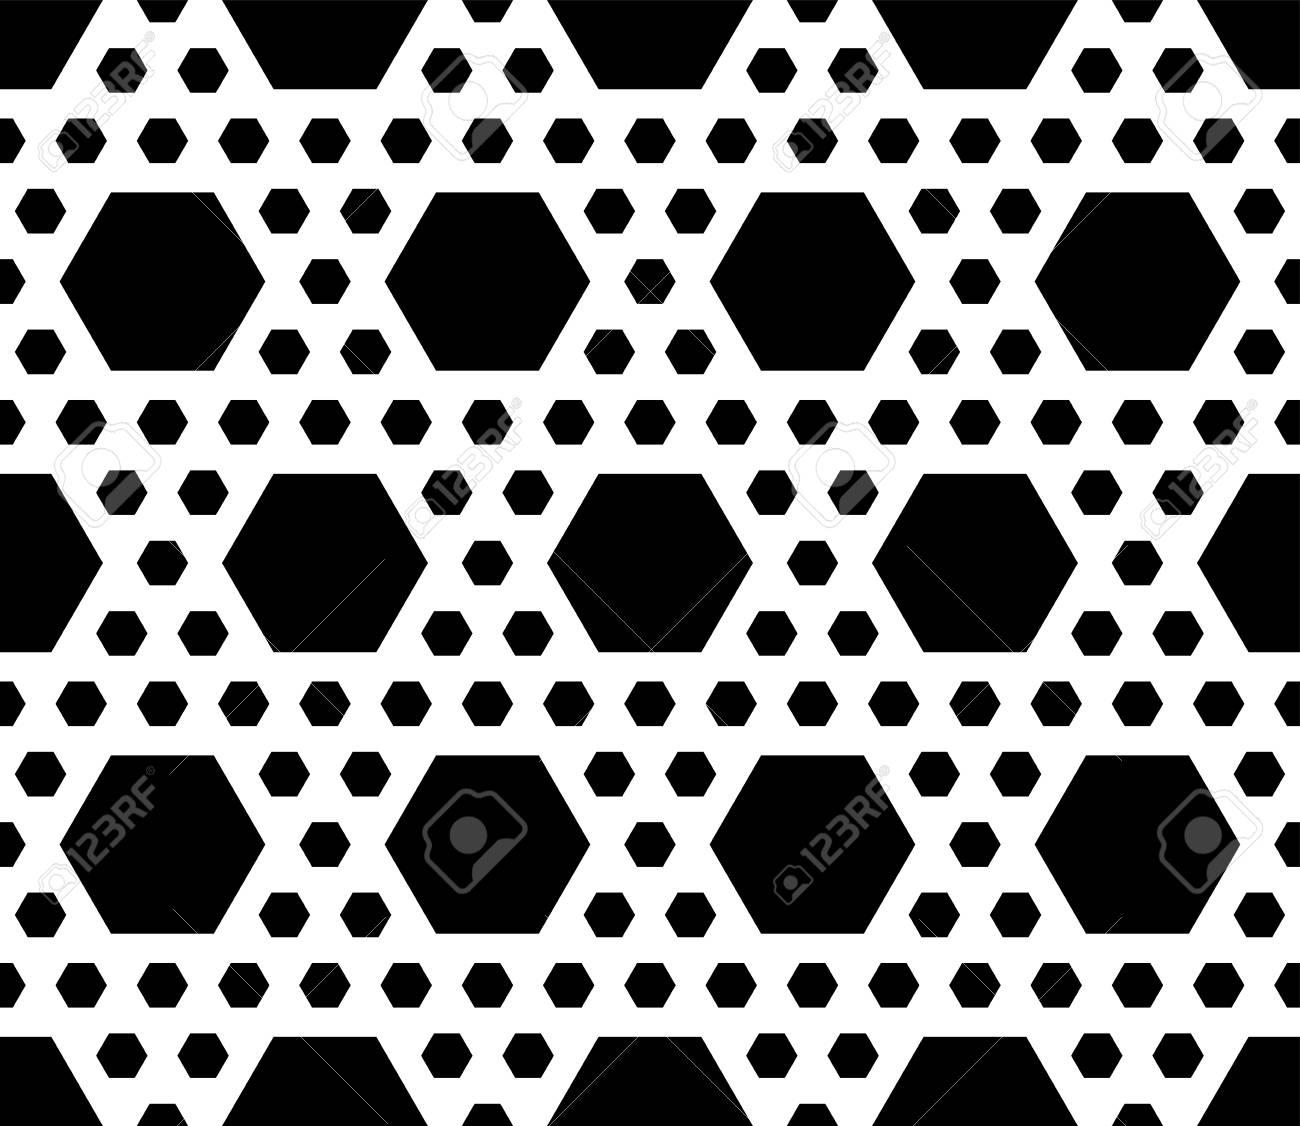 Vector Monocromo Textura Patr N Transparente Blanco Y Negro  # Muebles Digitales